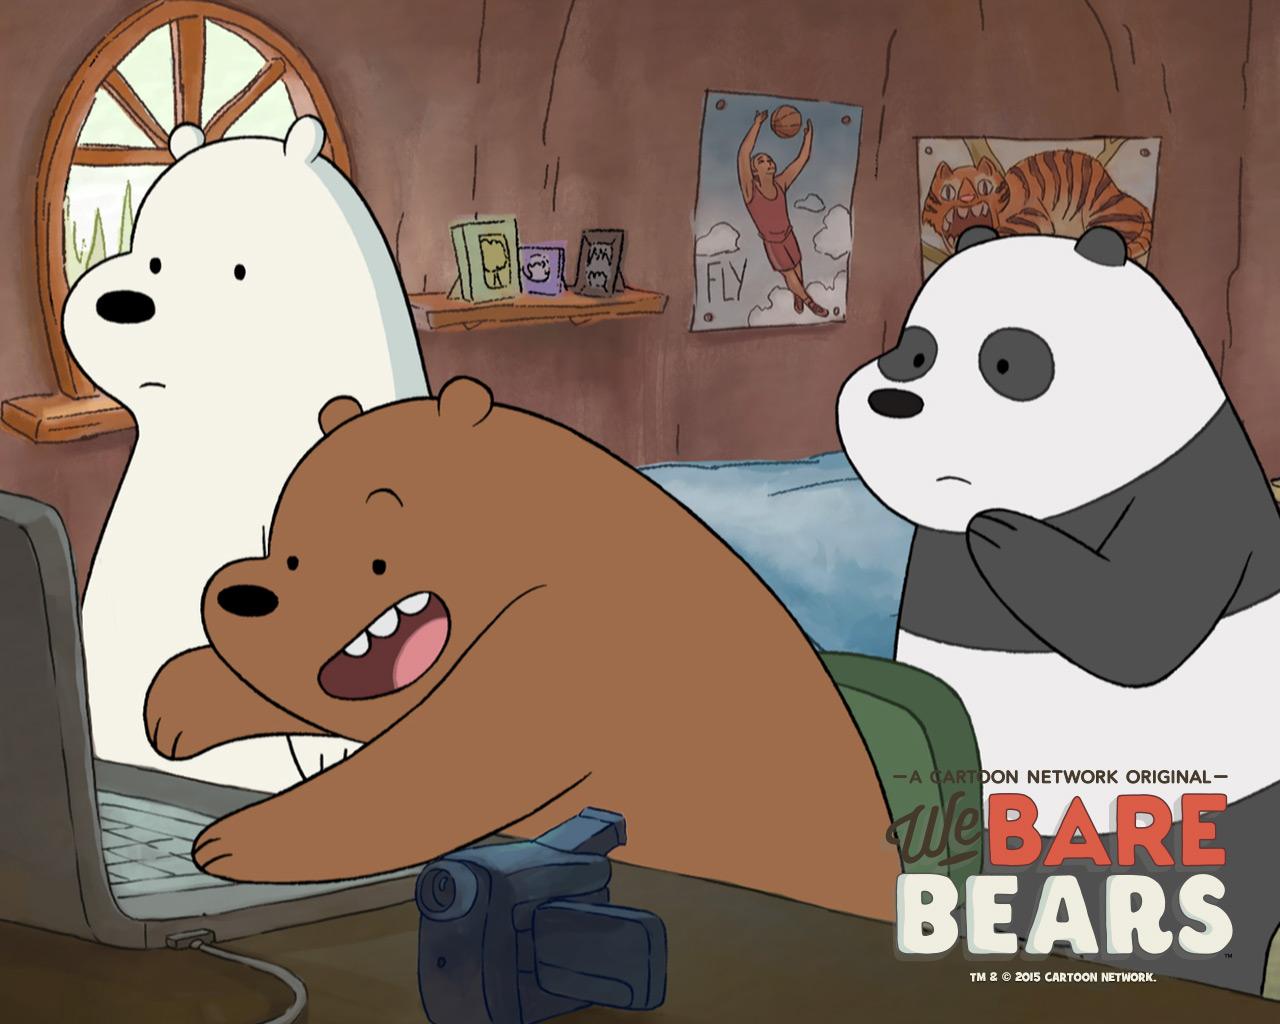 We Bare Bears Wallpaper - WallpaperSafari